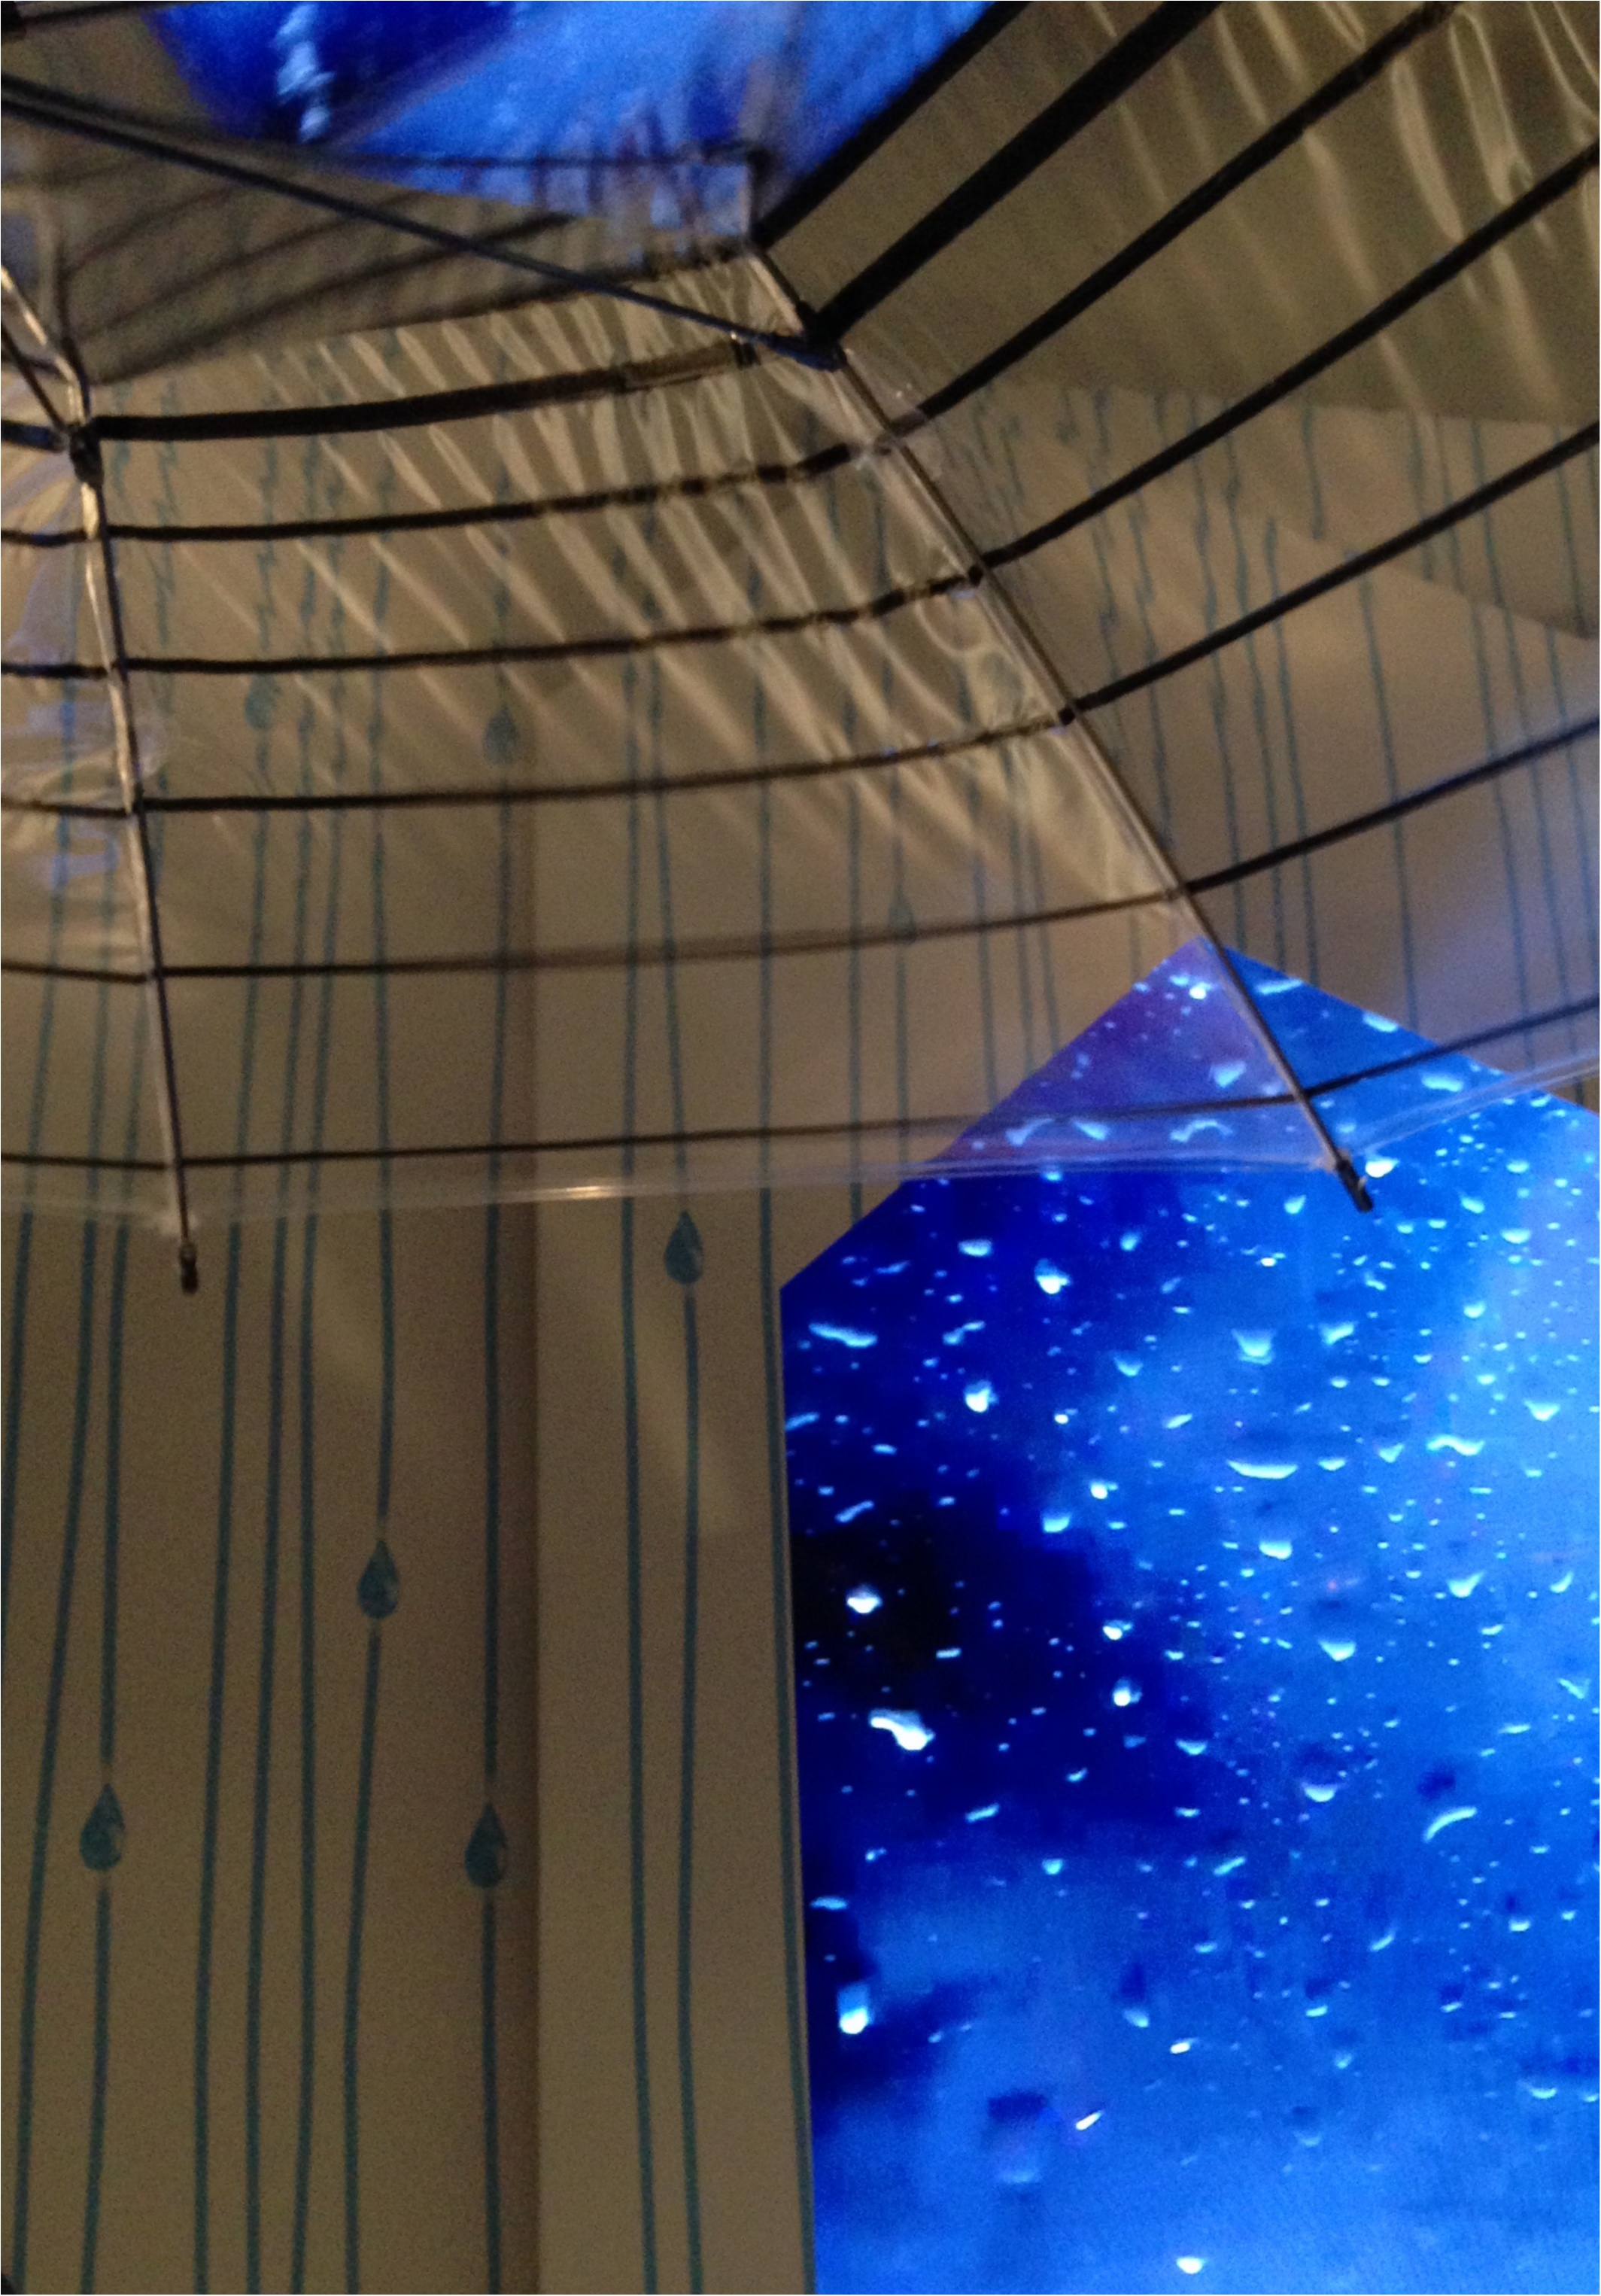 もう行った⁉️『見る展望台』から『体感する展望台』に進化したスカイサーカスサンシャイン60展望台d(^_^o)_9